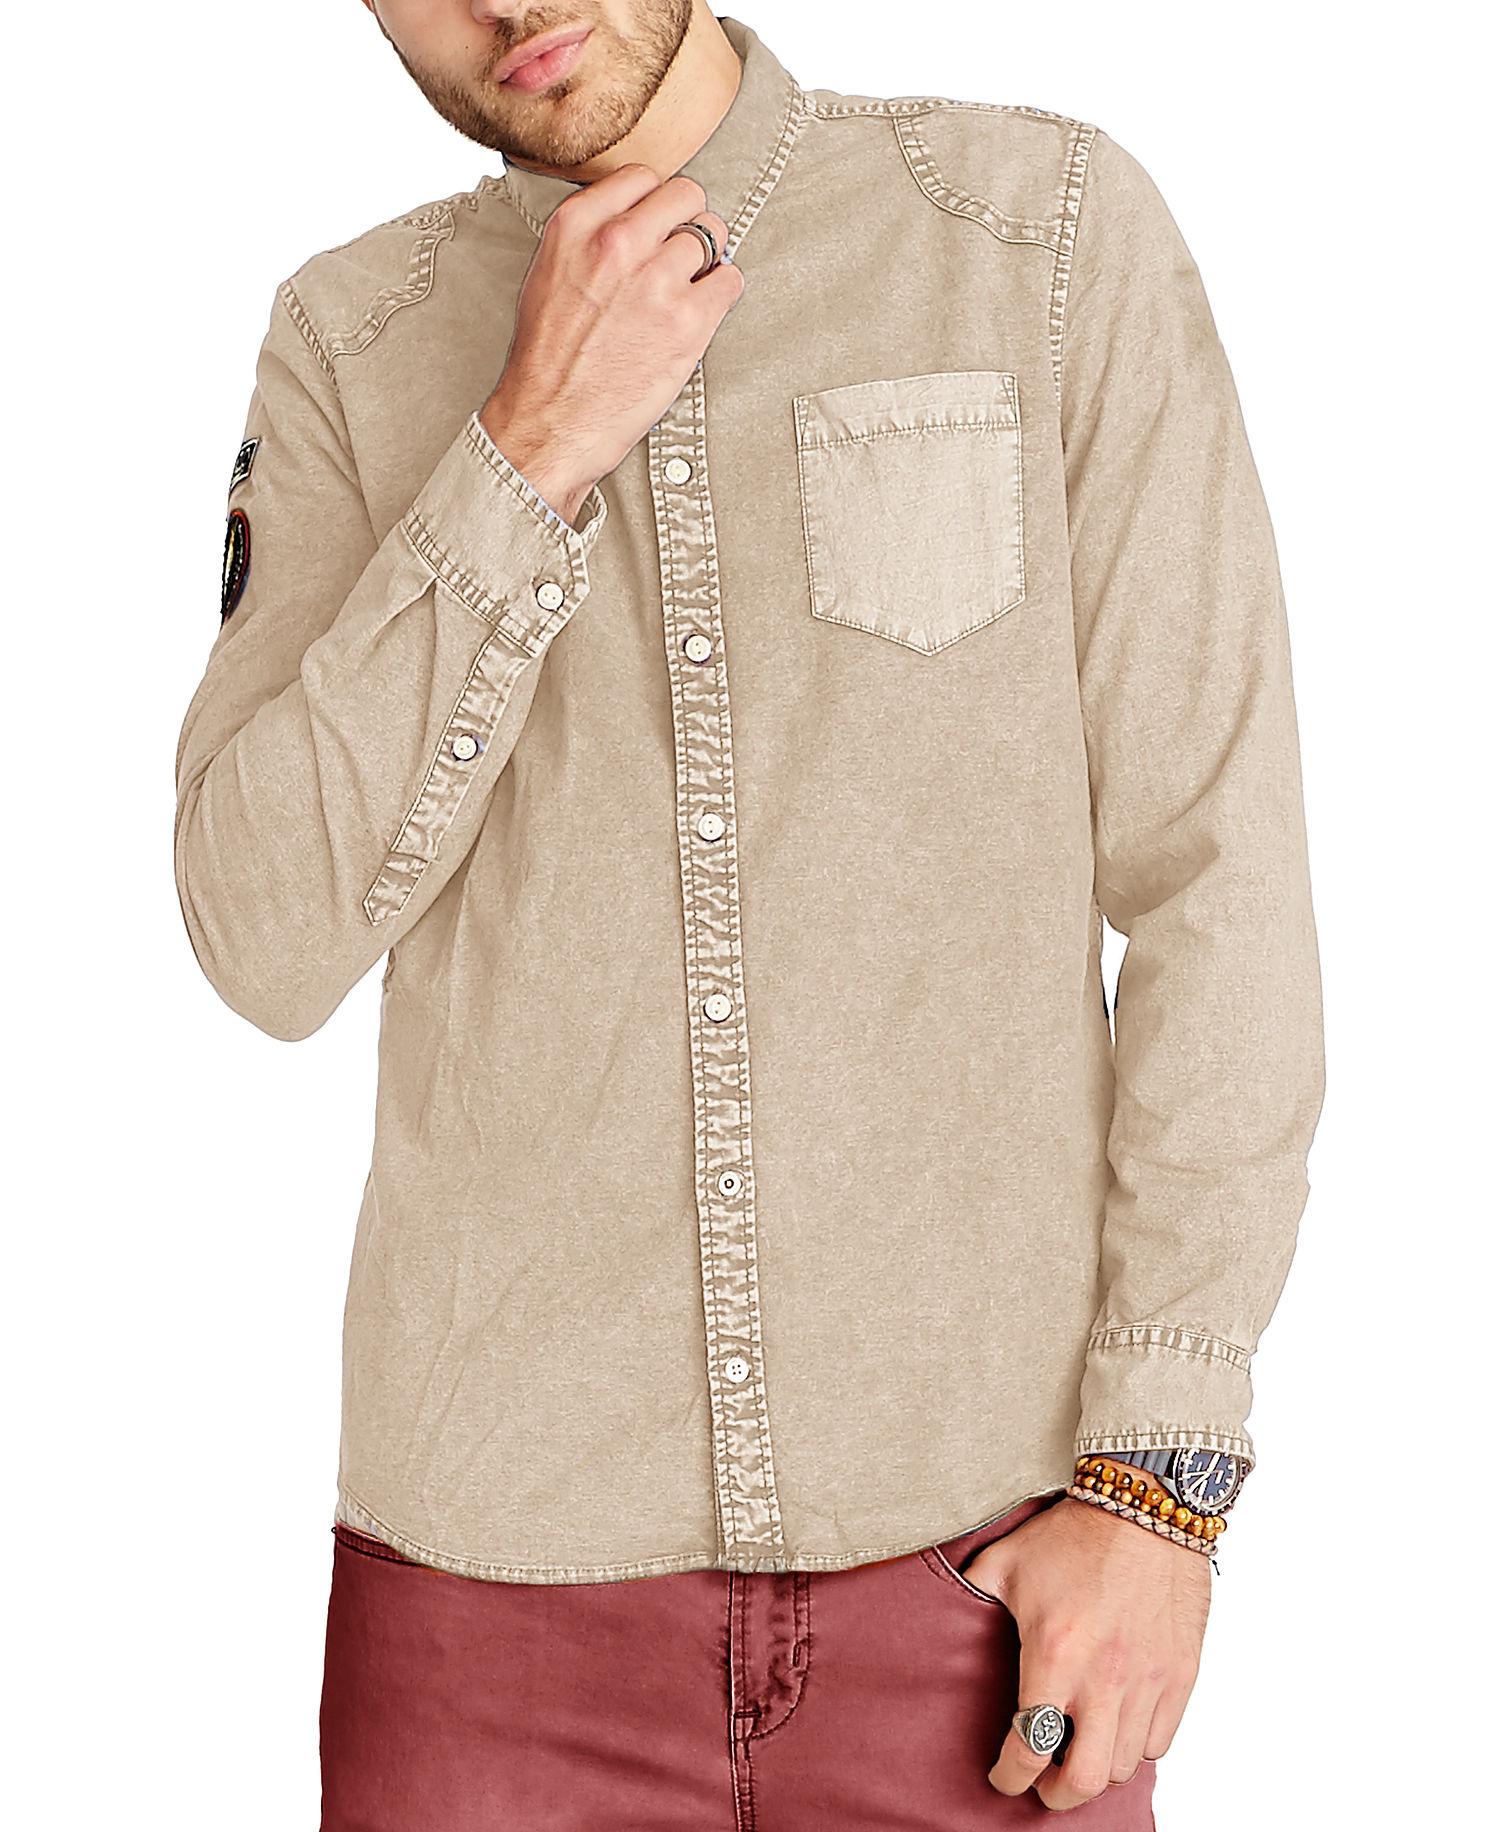 ef392b27e6a4 Oversized Mens Button Down Shirt « Alzheimer's Network of Oregon